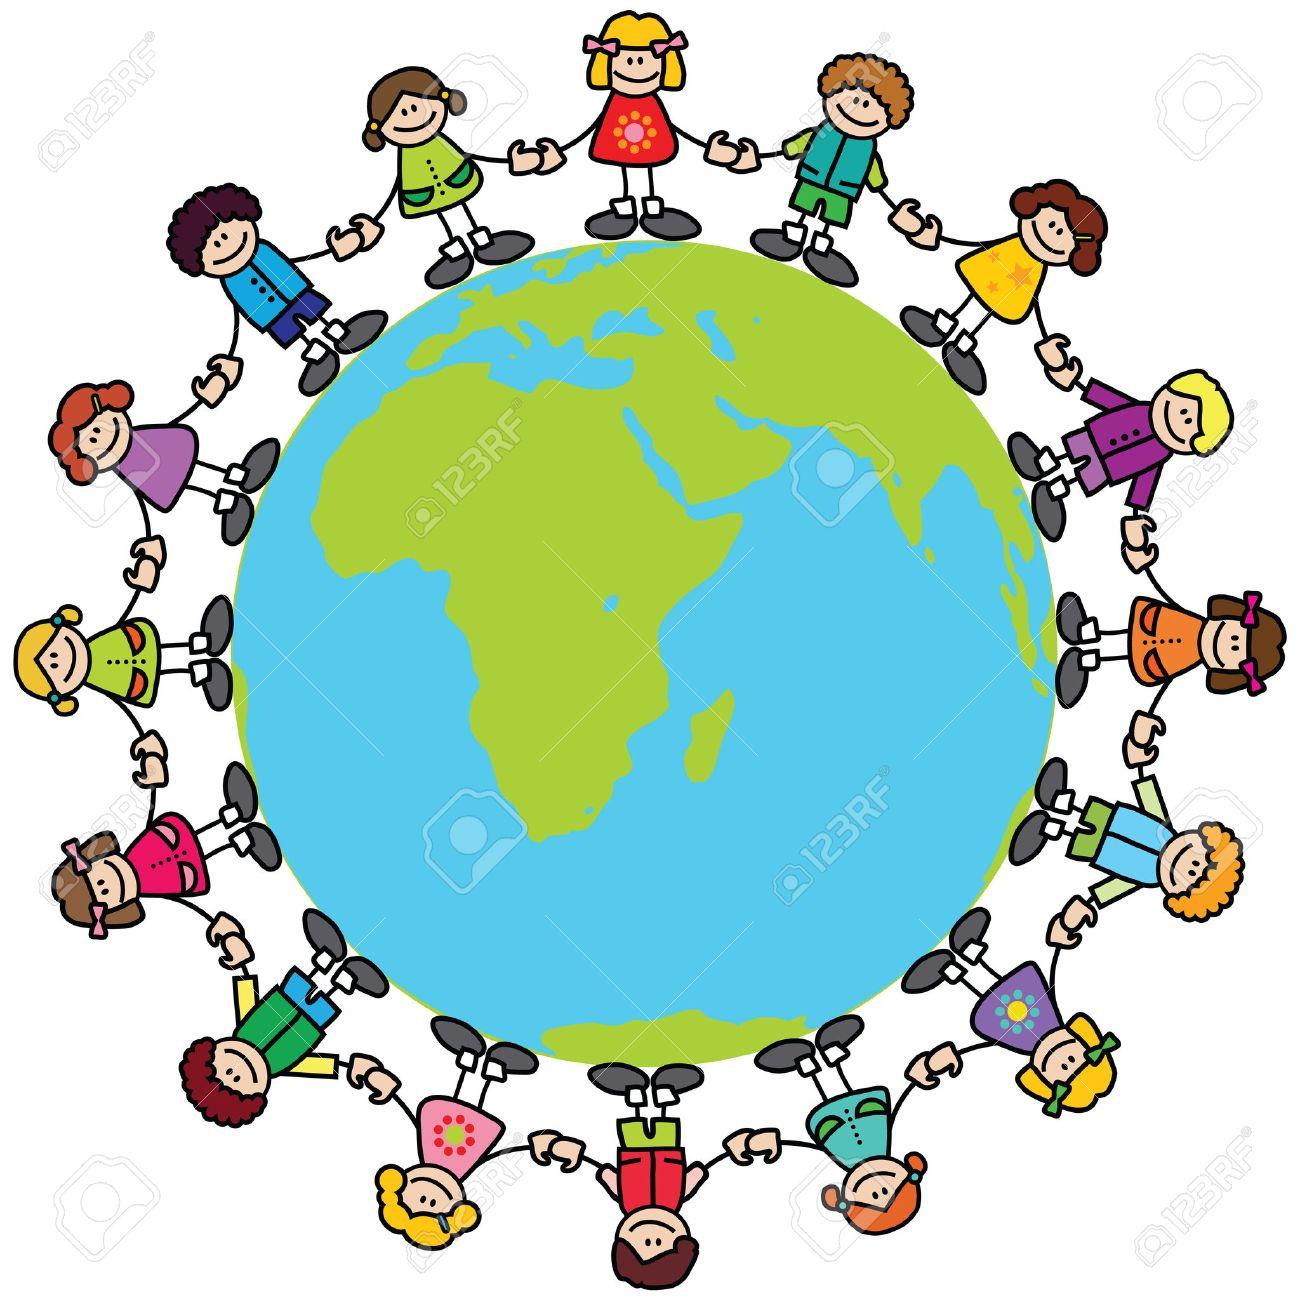 Happy children holding hands around the world.